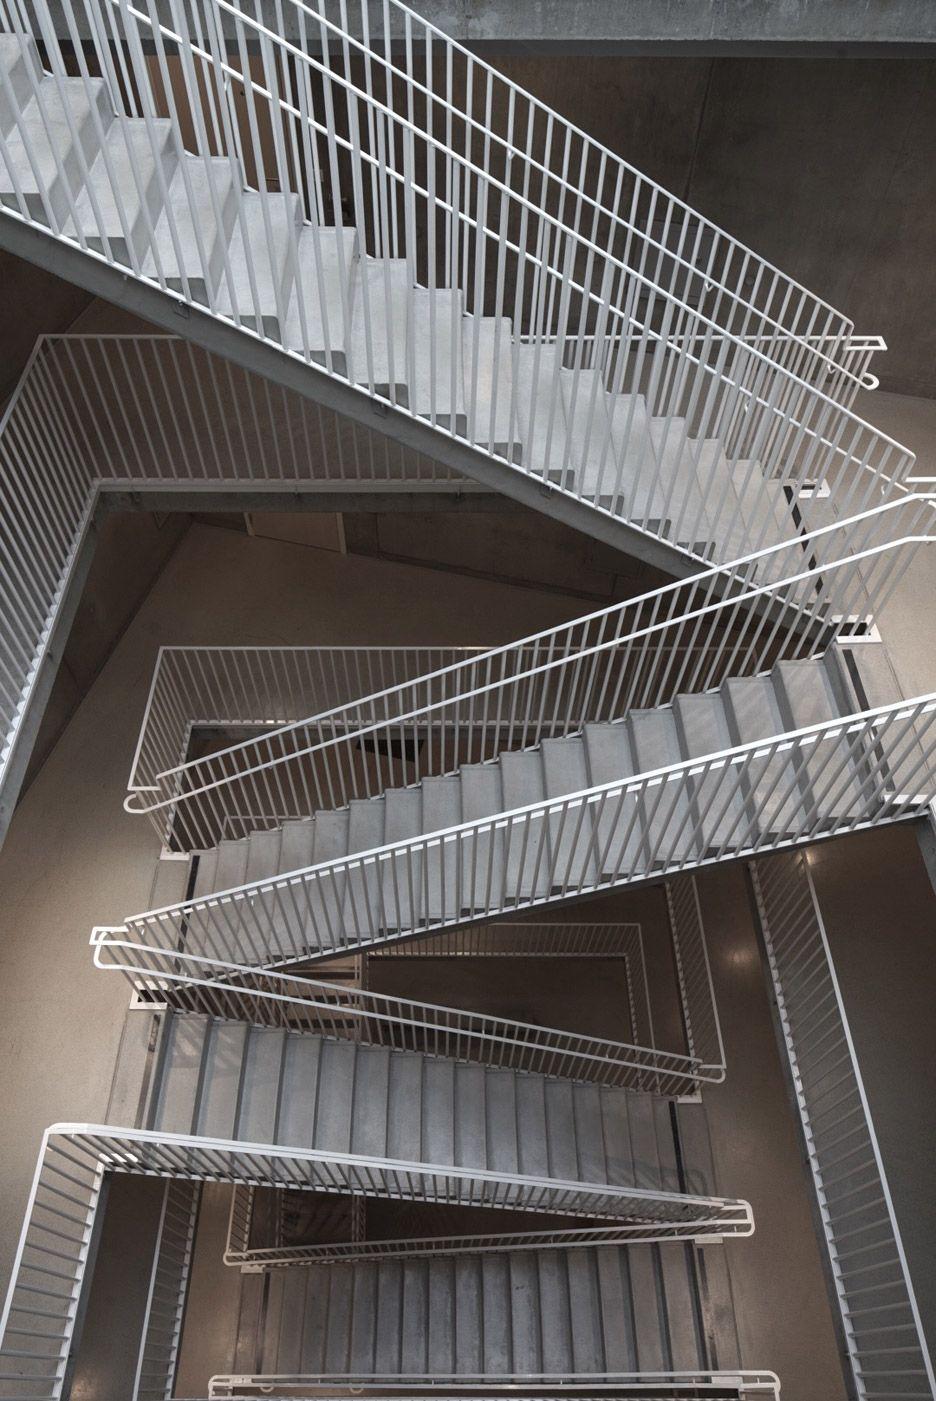 hight resolution of rectangular stairway in an apartment building v stra kajen 1 built by tham and videgard arkiteker in j nk ping sweden photo by ke e son lindman